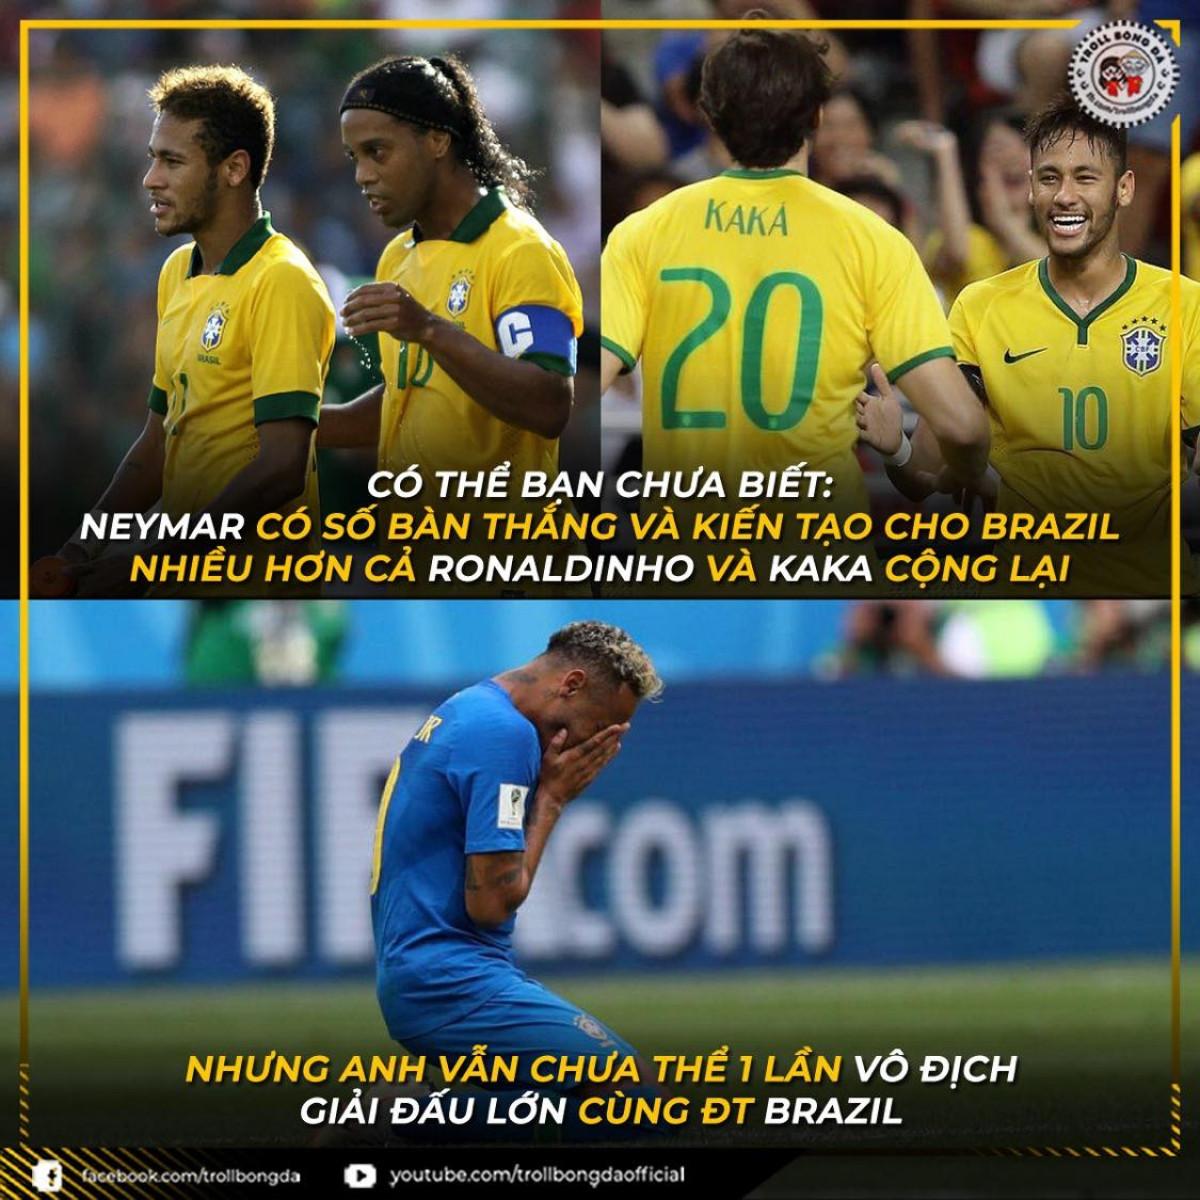 Neymar kém duyên với ĐT Brazil. (Ảnh: Troll Bóng Đá)